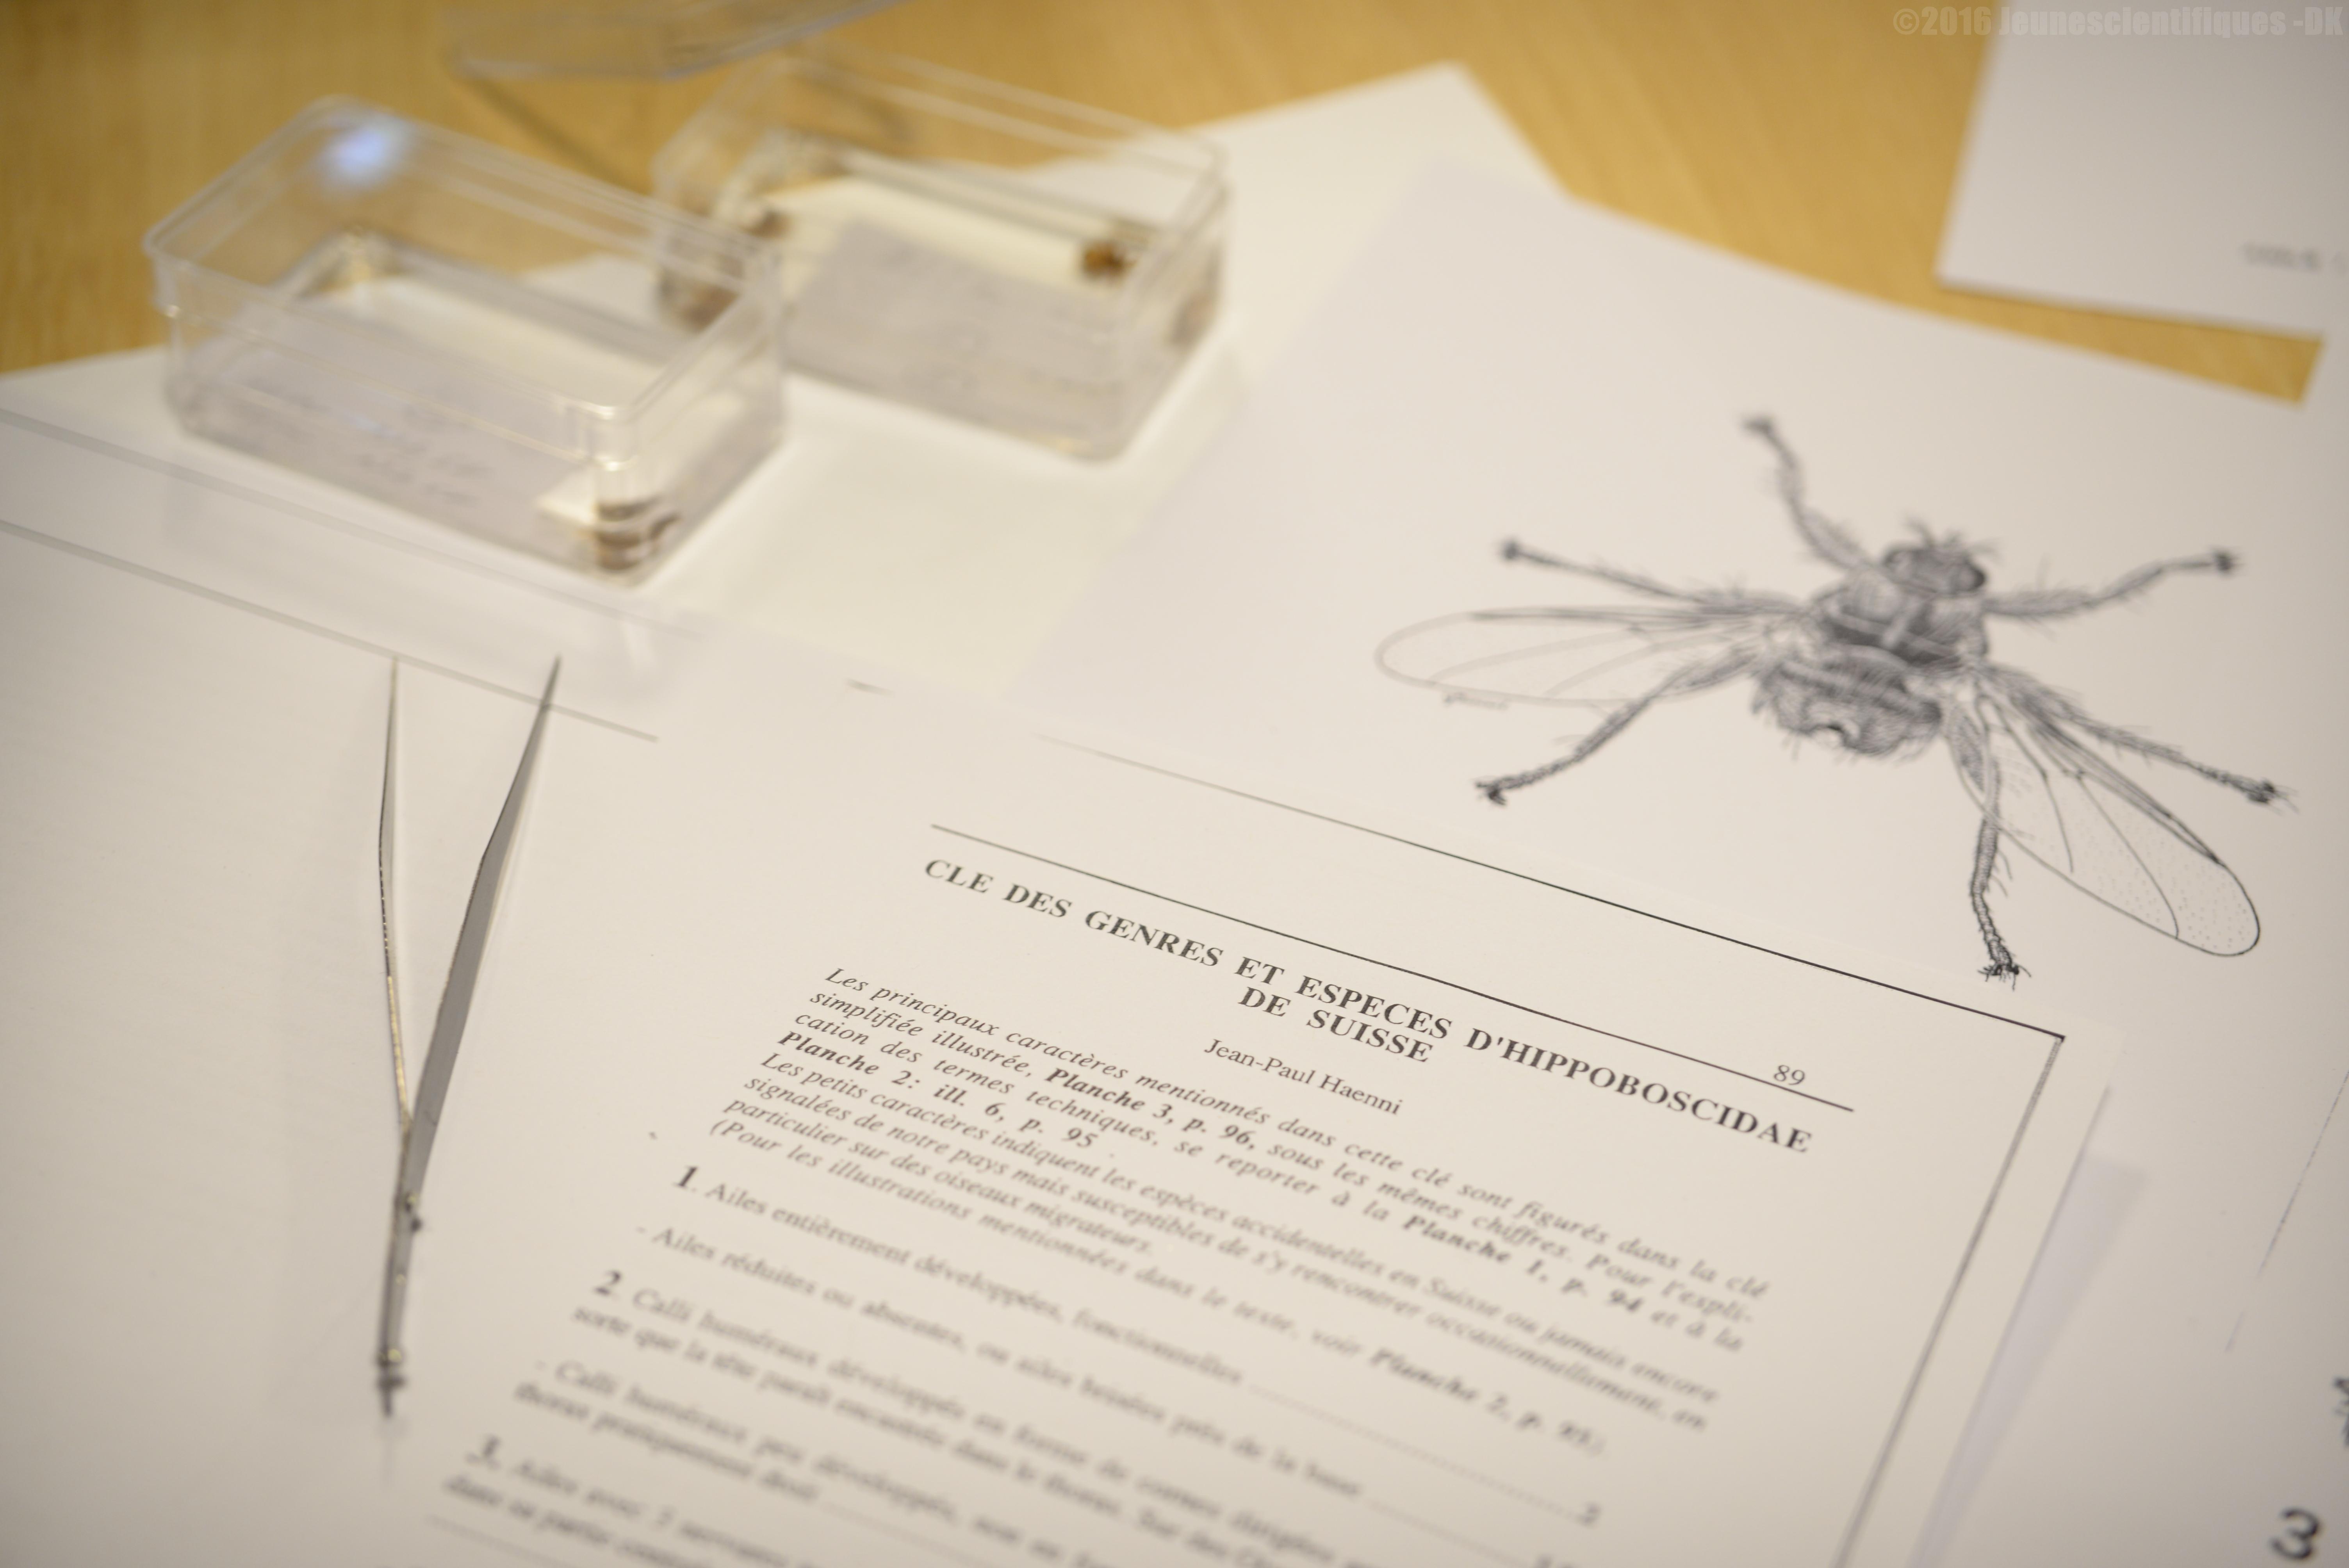 SFE-détermination_d'Hippoboscidae_GF